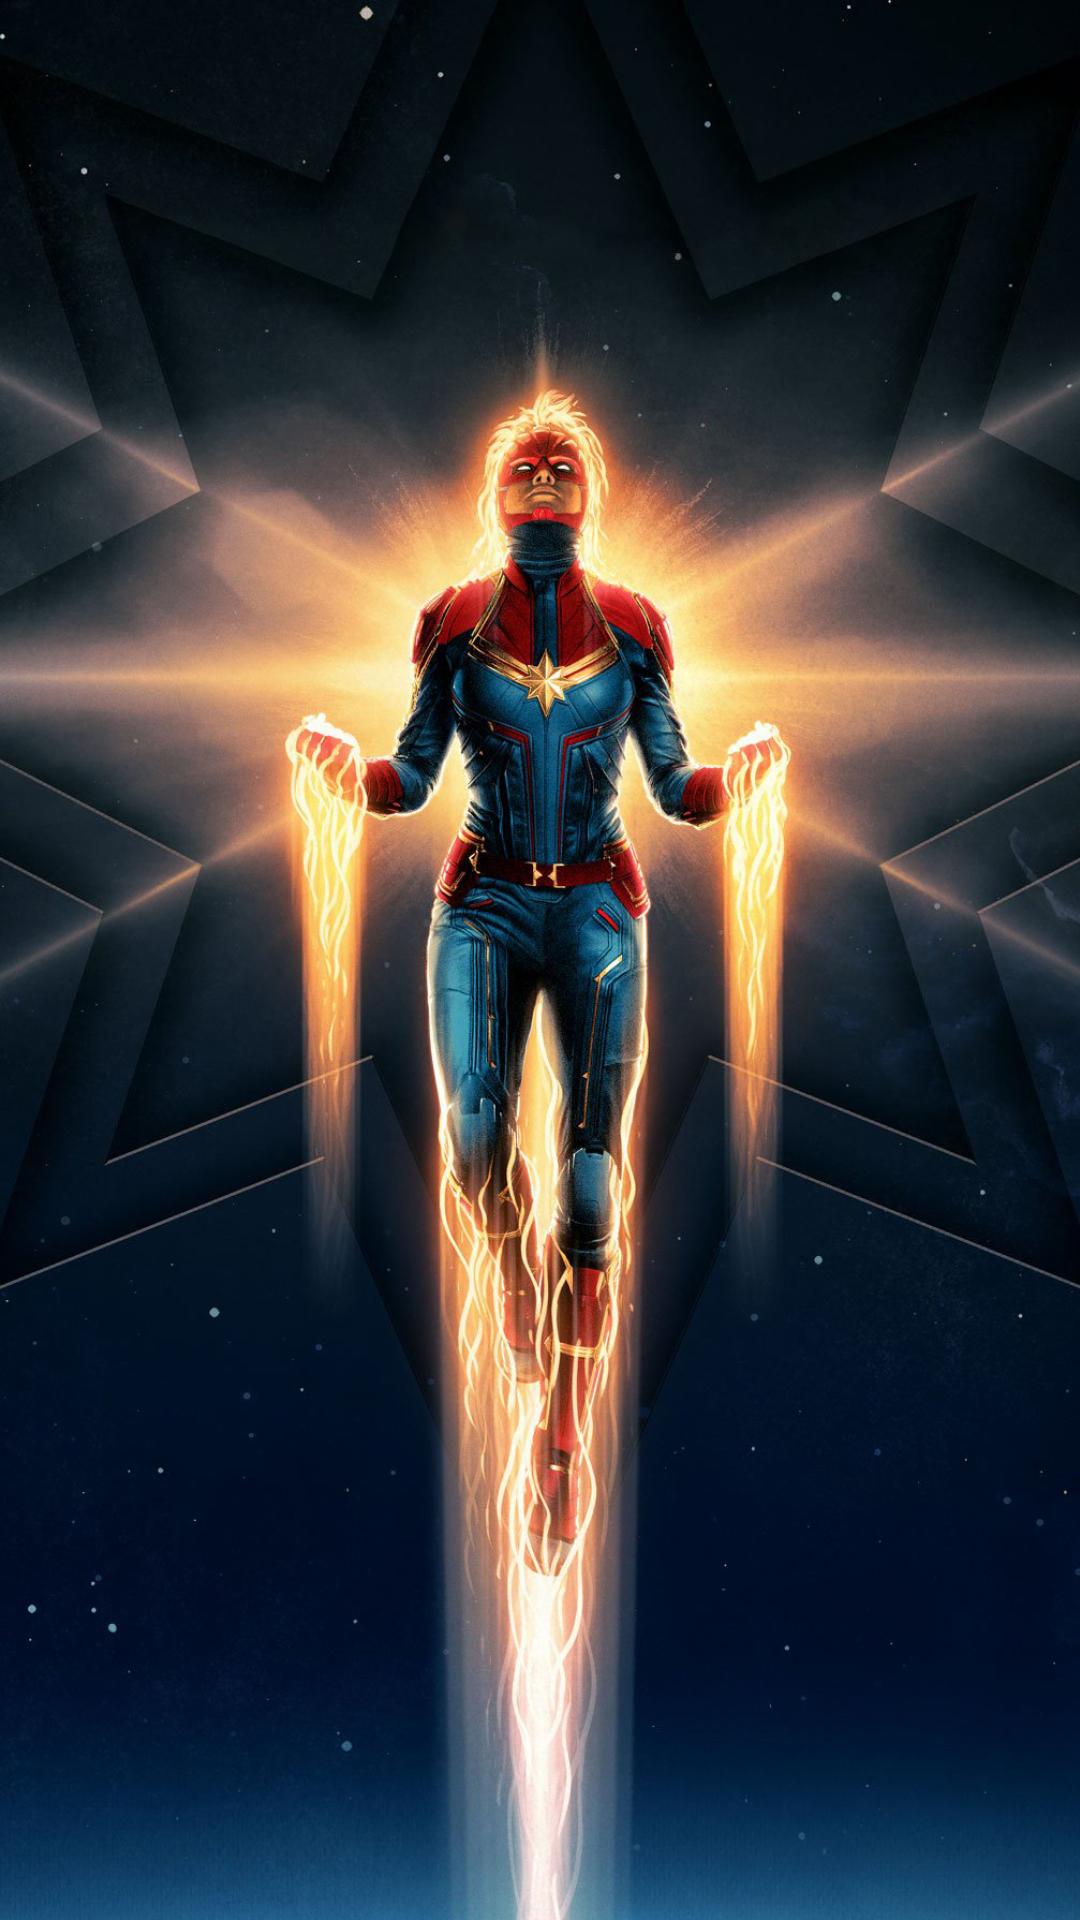 1080x1920 Captain Marvel Movie 2019 Iphone 7, 6s, 6 Plus ...